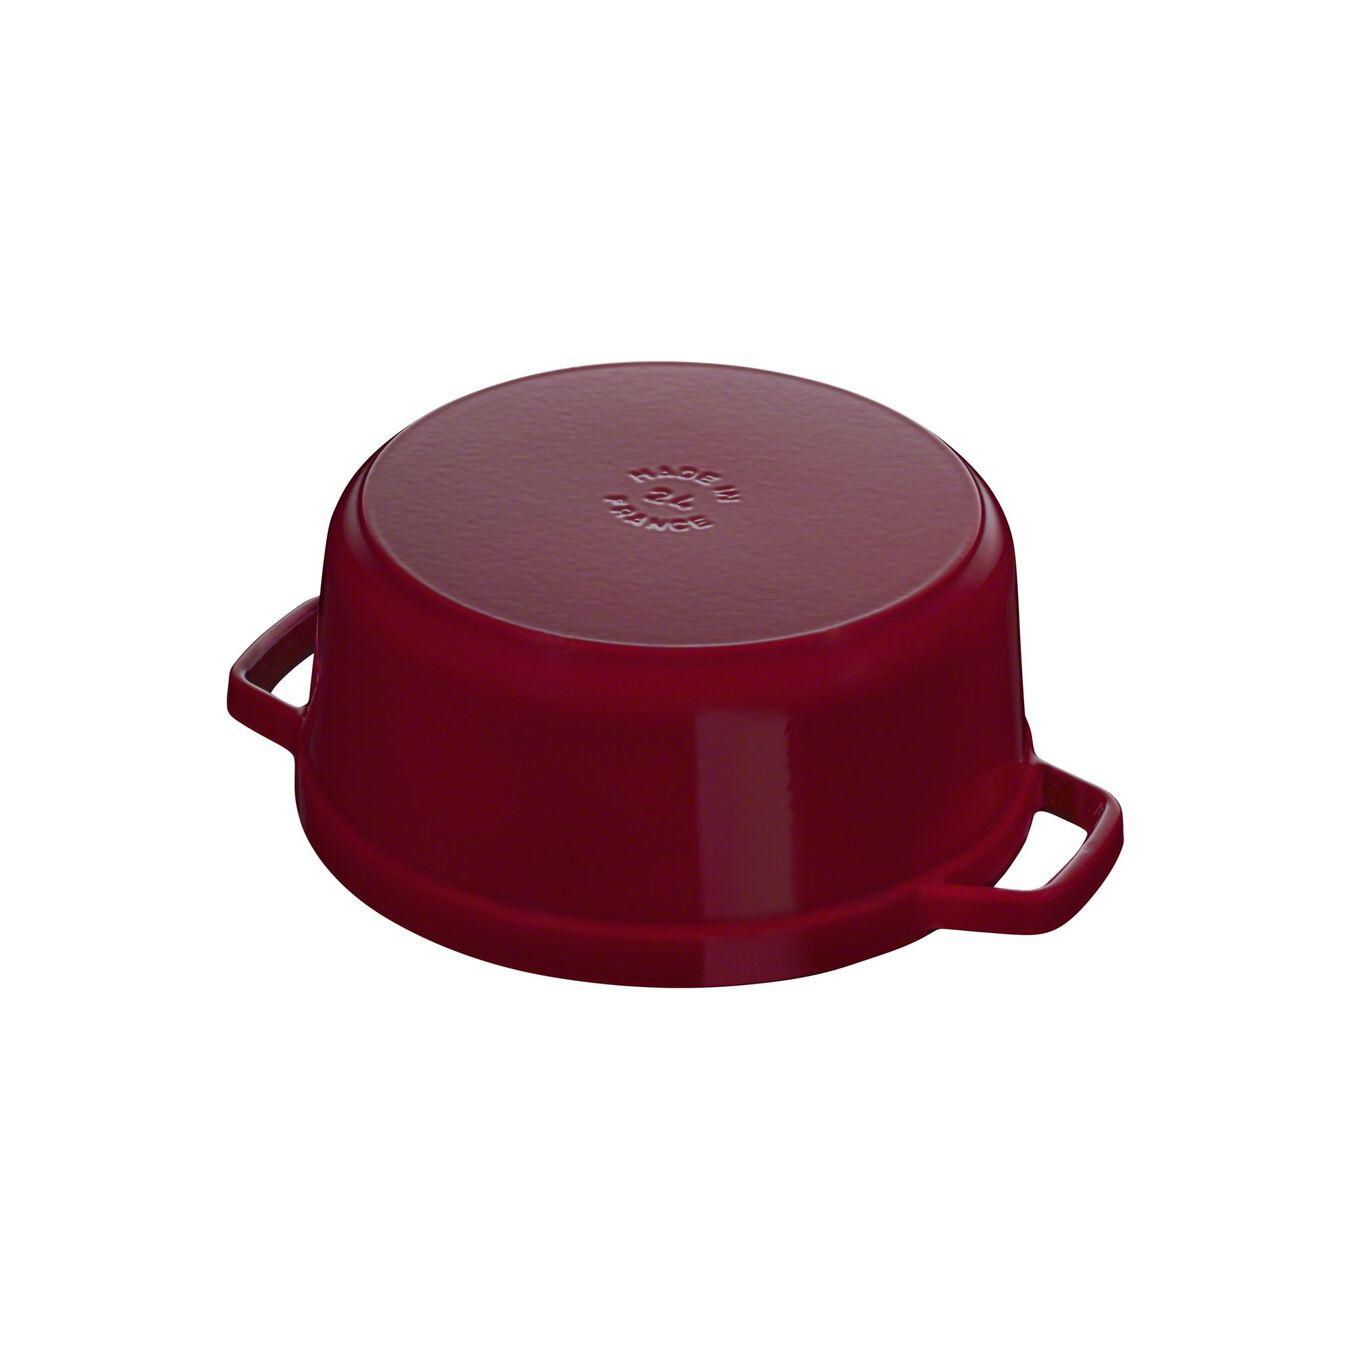 6,75 l Cast iron round Faitout, Bordeaux - Visual Imperfections,,large 7